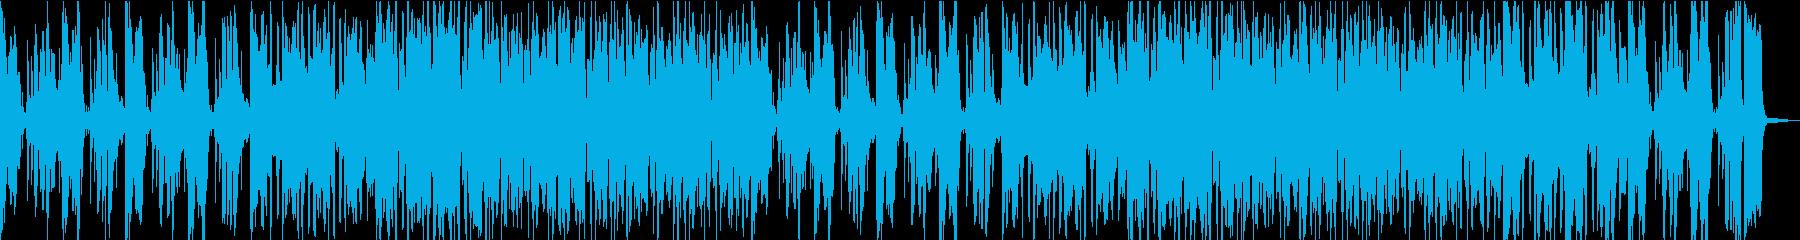 明るくて軽妙な雰囲気ビッグバンドジャズの再生済みの波形